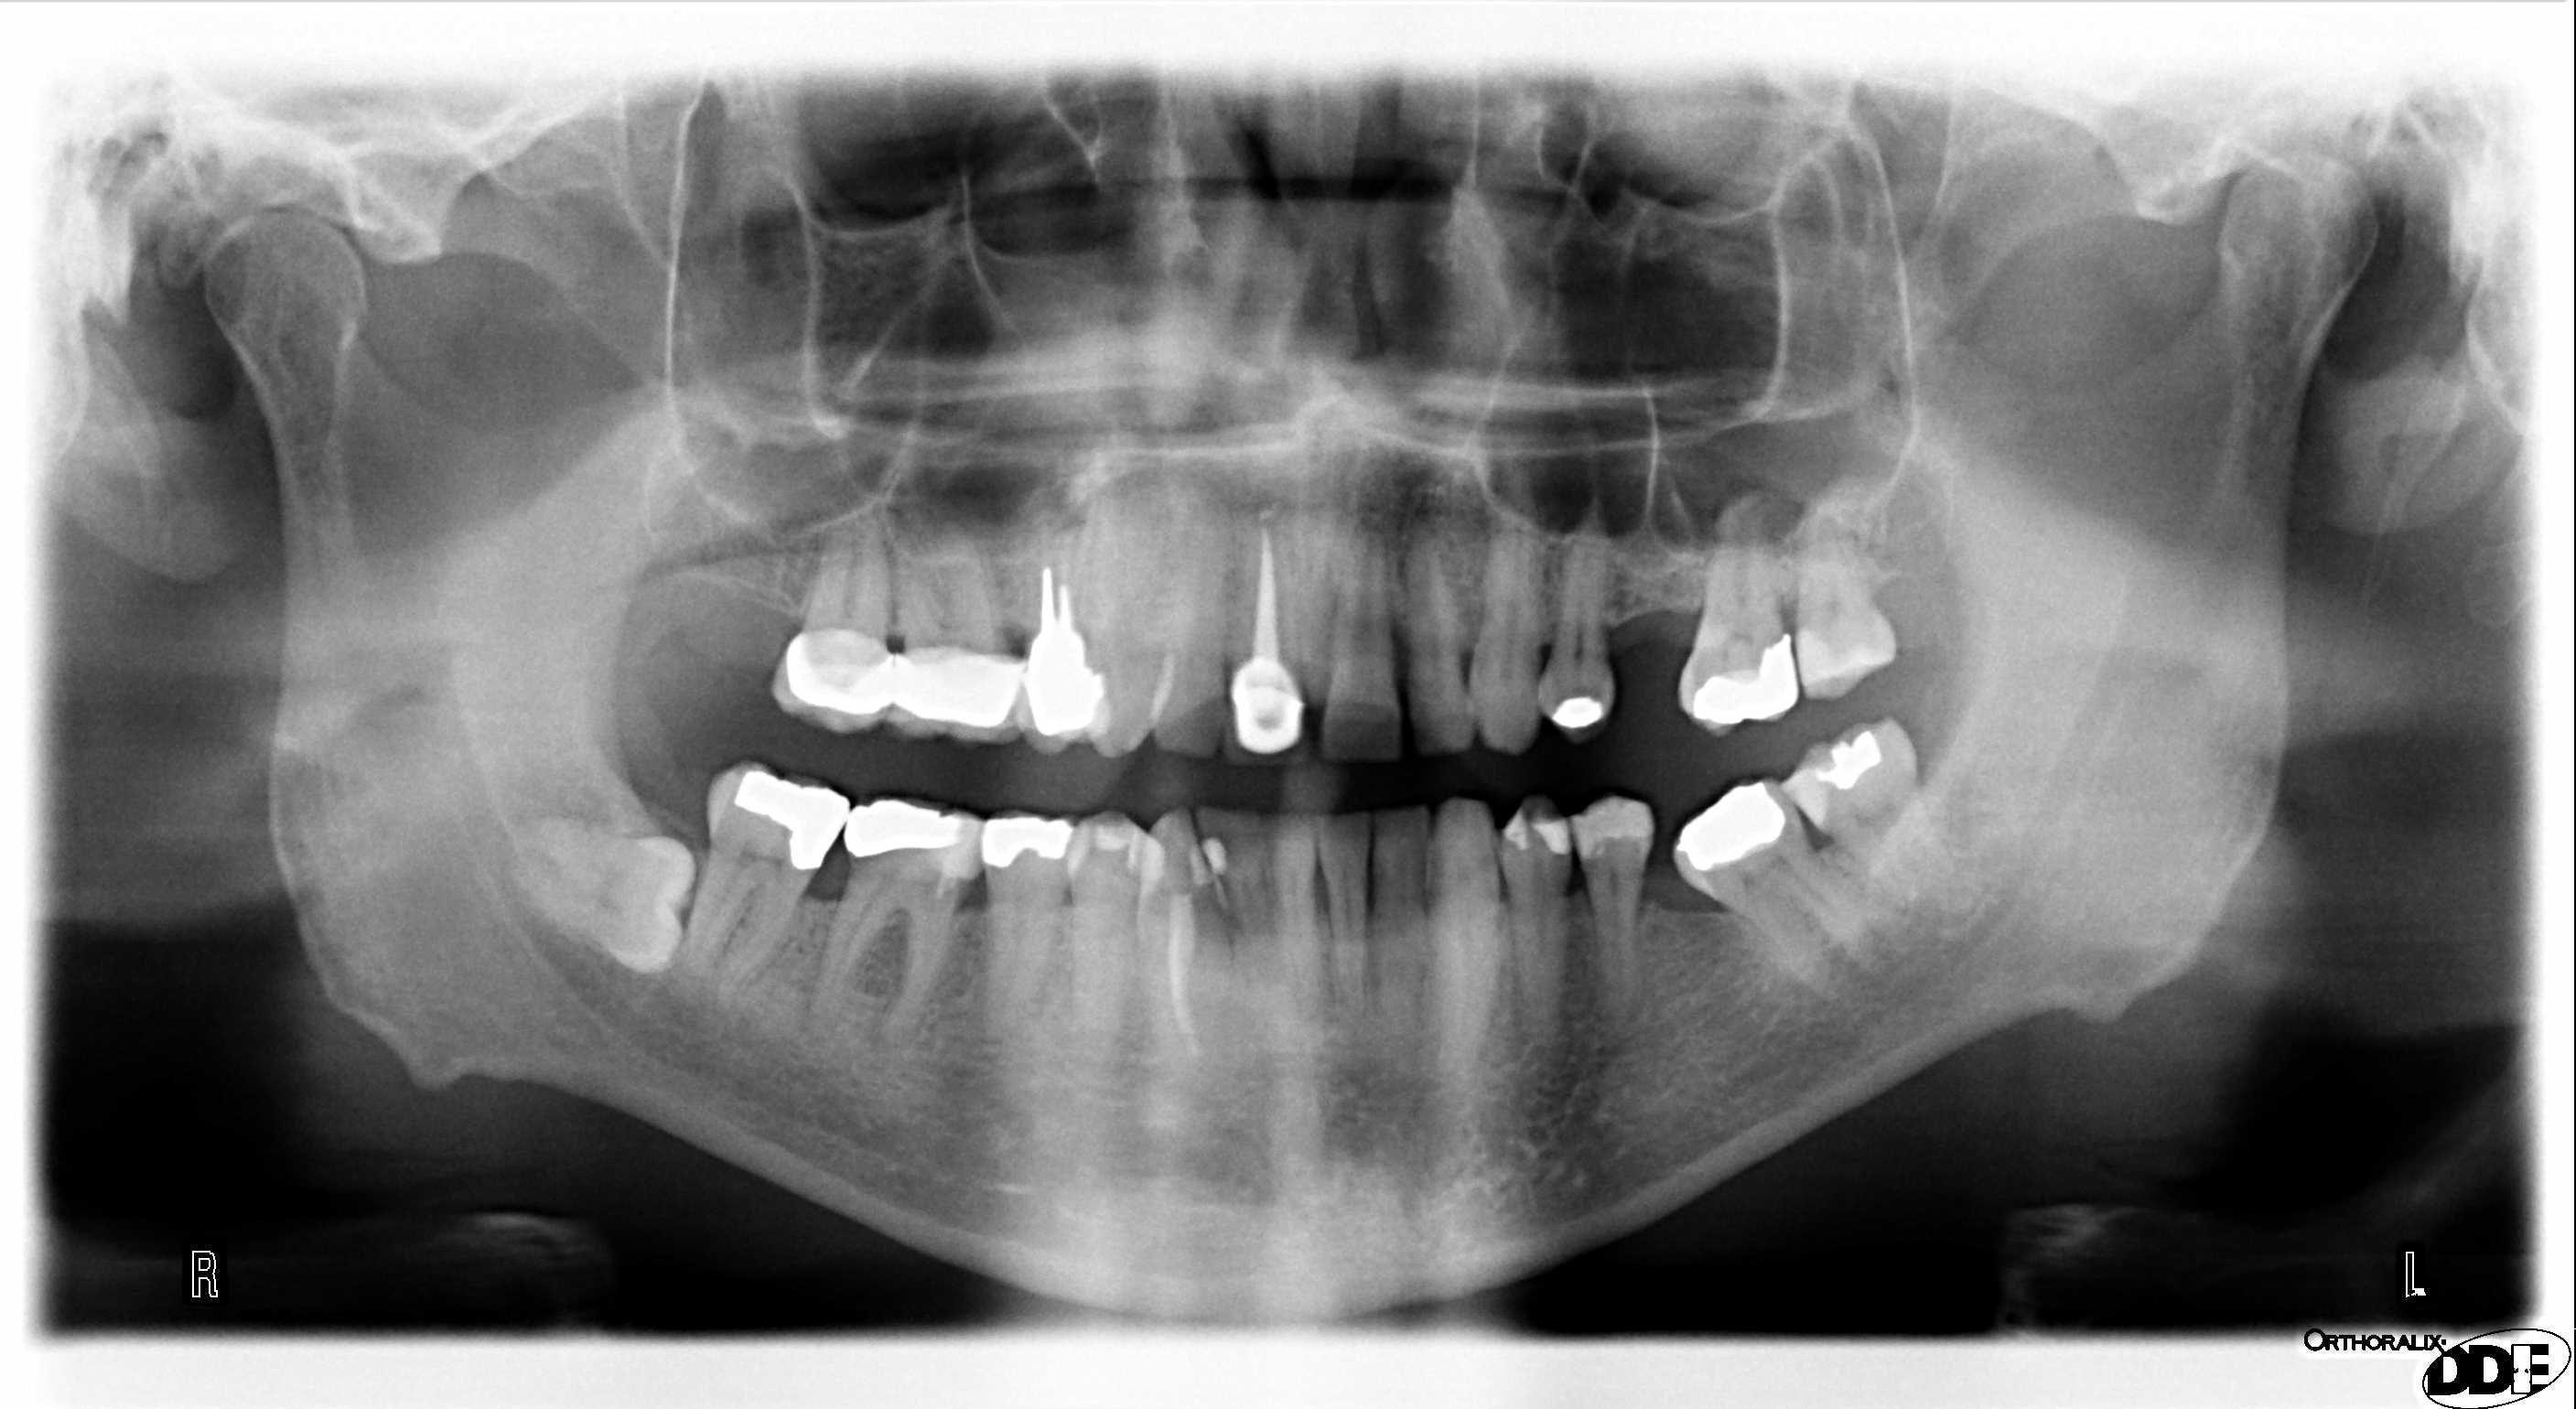 SEGUITO ALLA DOMANDA: Il problema è che ho sempre questo presunto ascesso sotto il dente